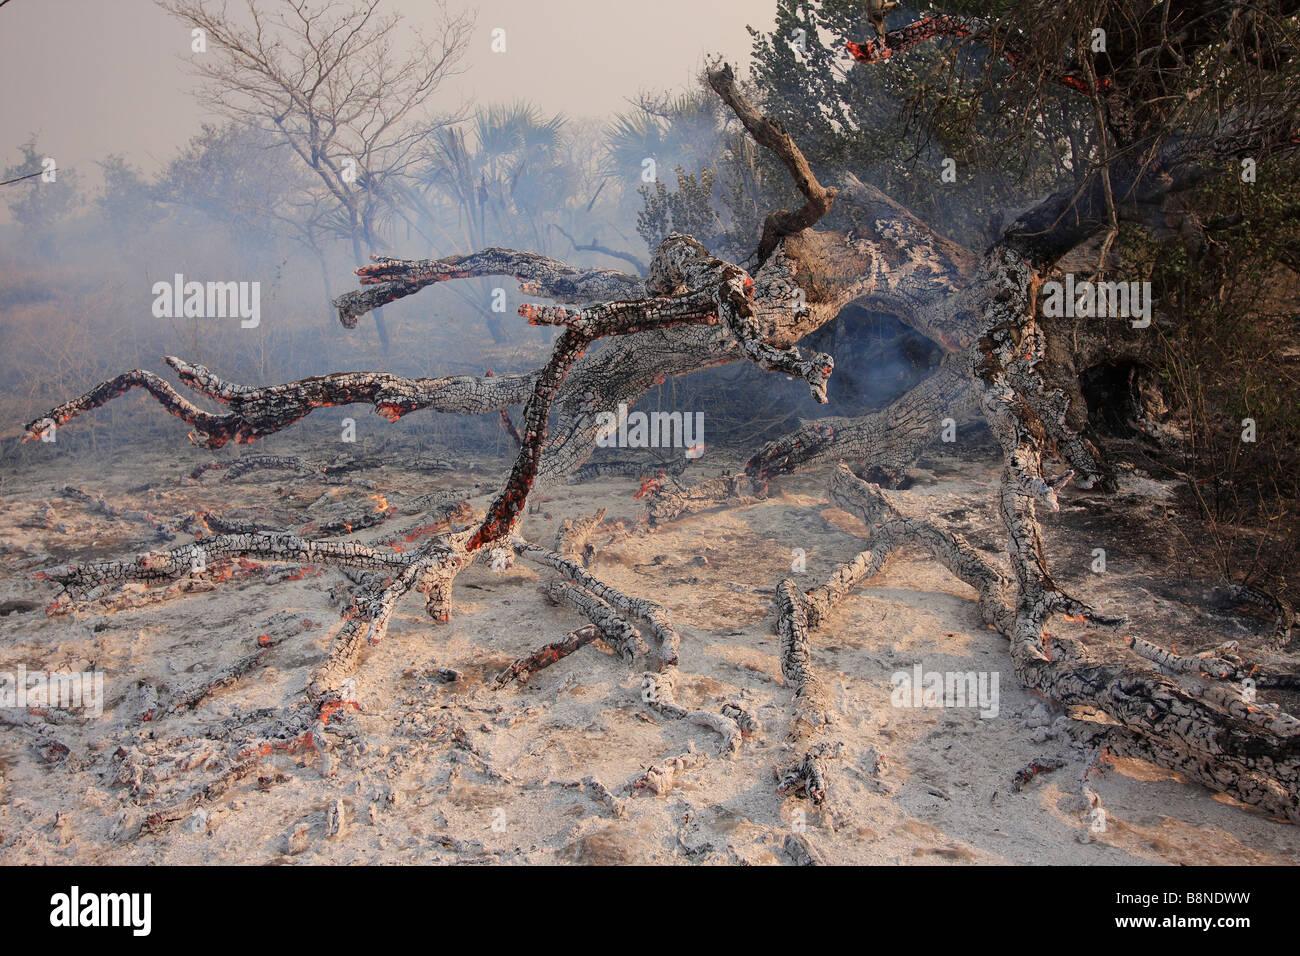 Arbre brûlé et les cendres après les incendies dans le veld Tembe Elephant Park Photo Stock